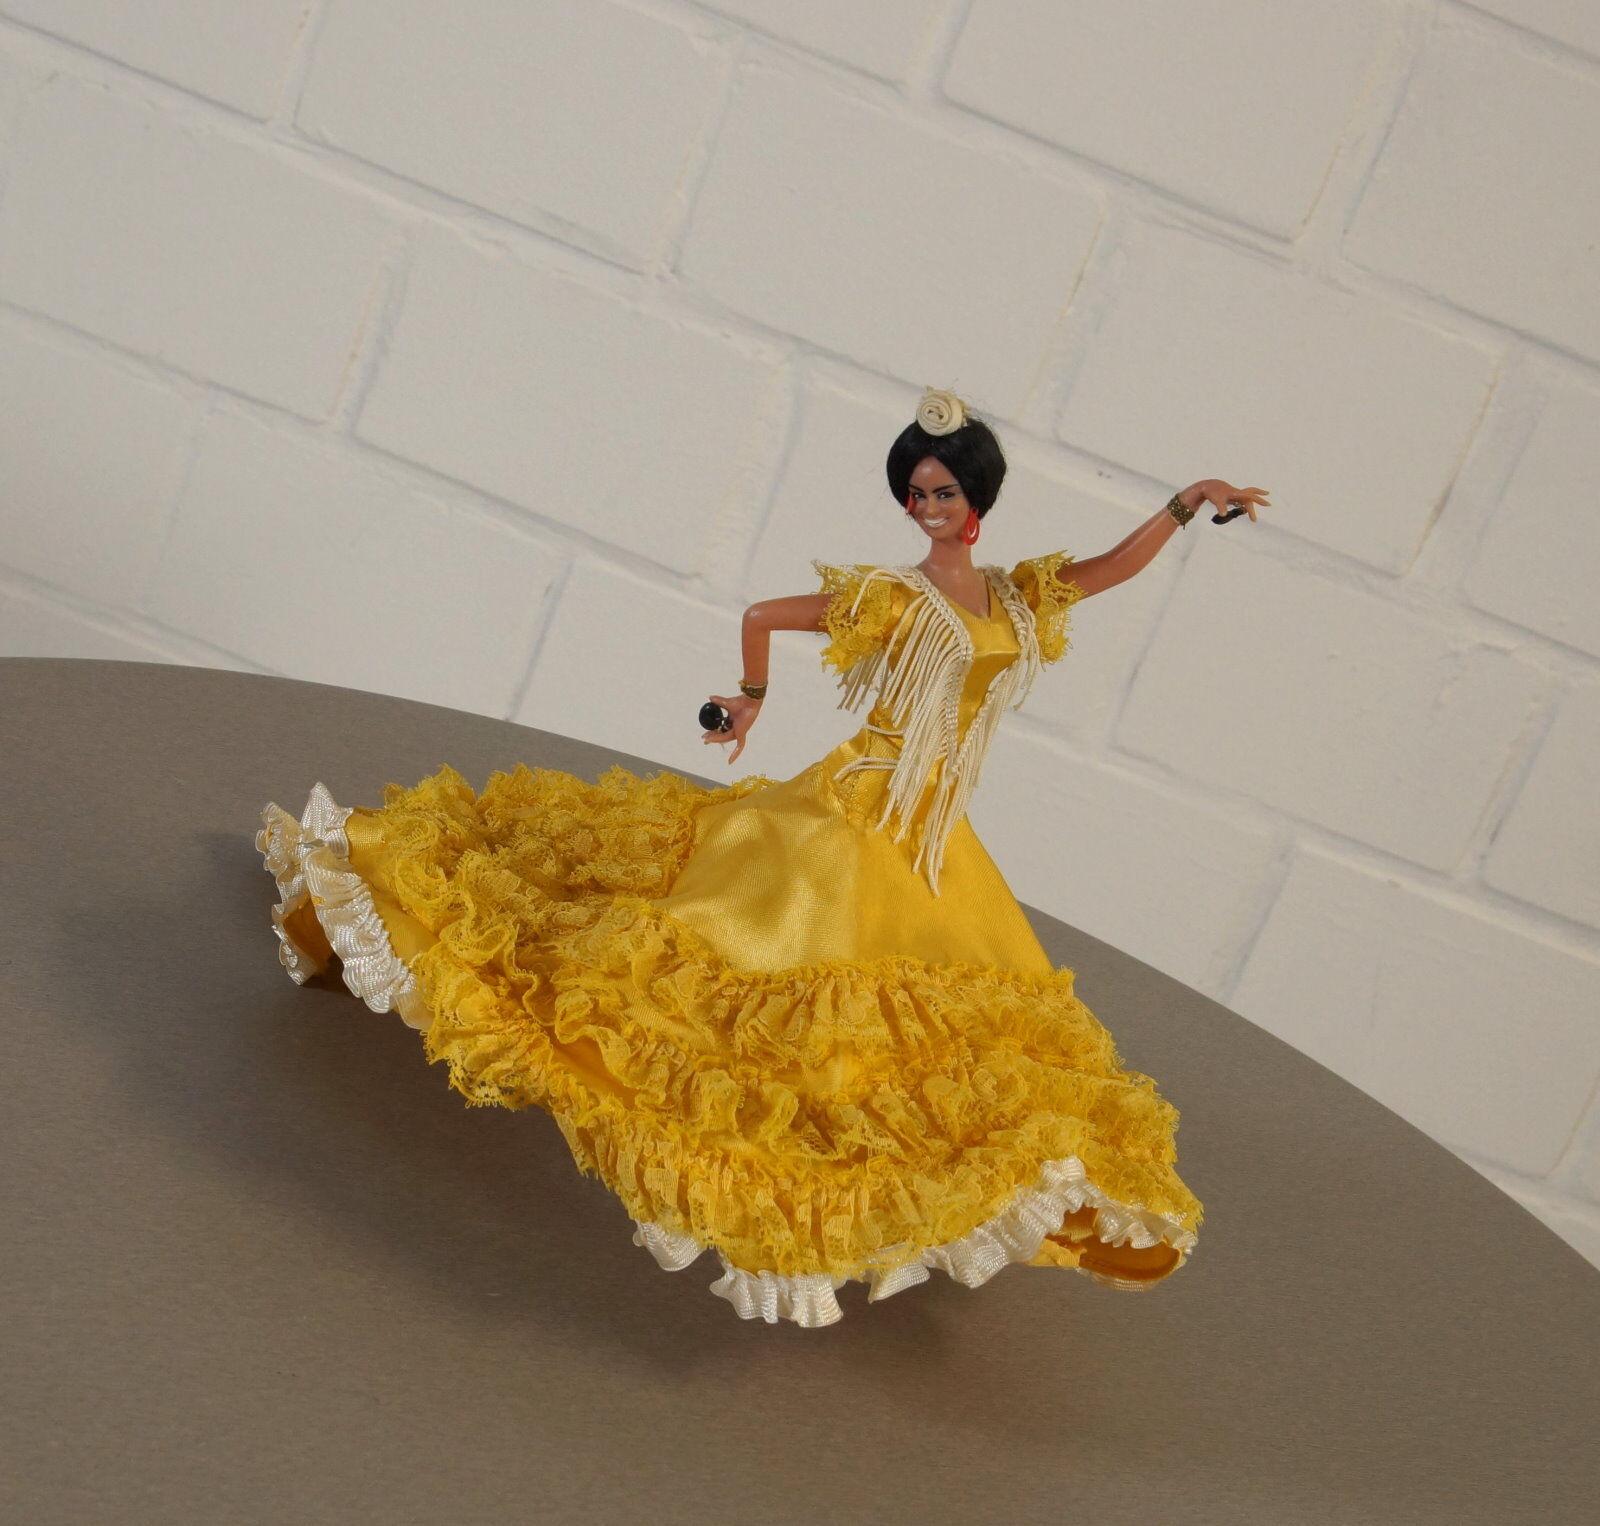 RARA ELEGANTE DA COLLEZIONE BAMBOLA Flamenco  Btuttierina Vintage 50er 60er anni Spagna RAR  negozio online